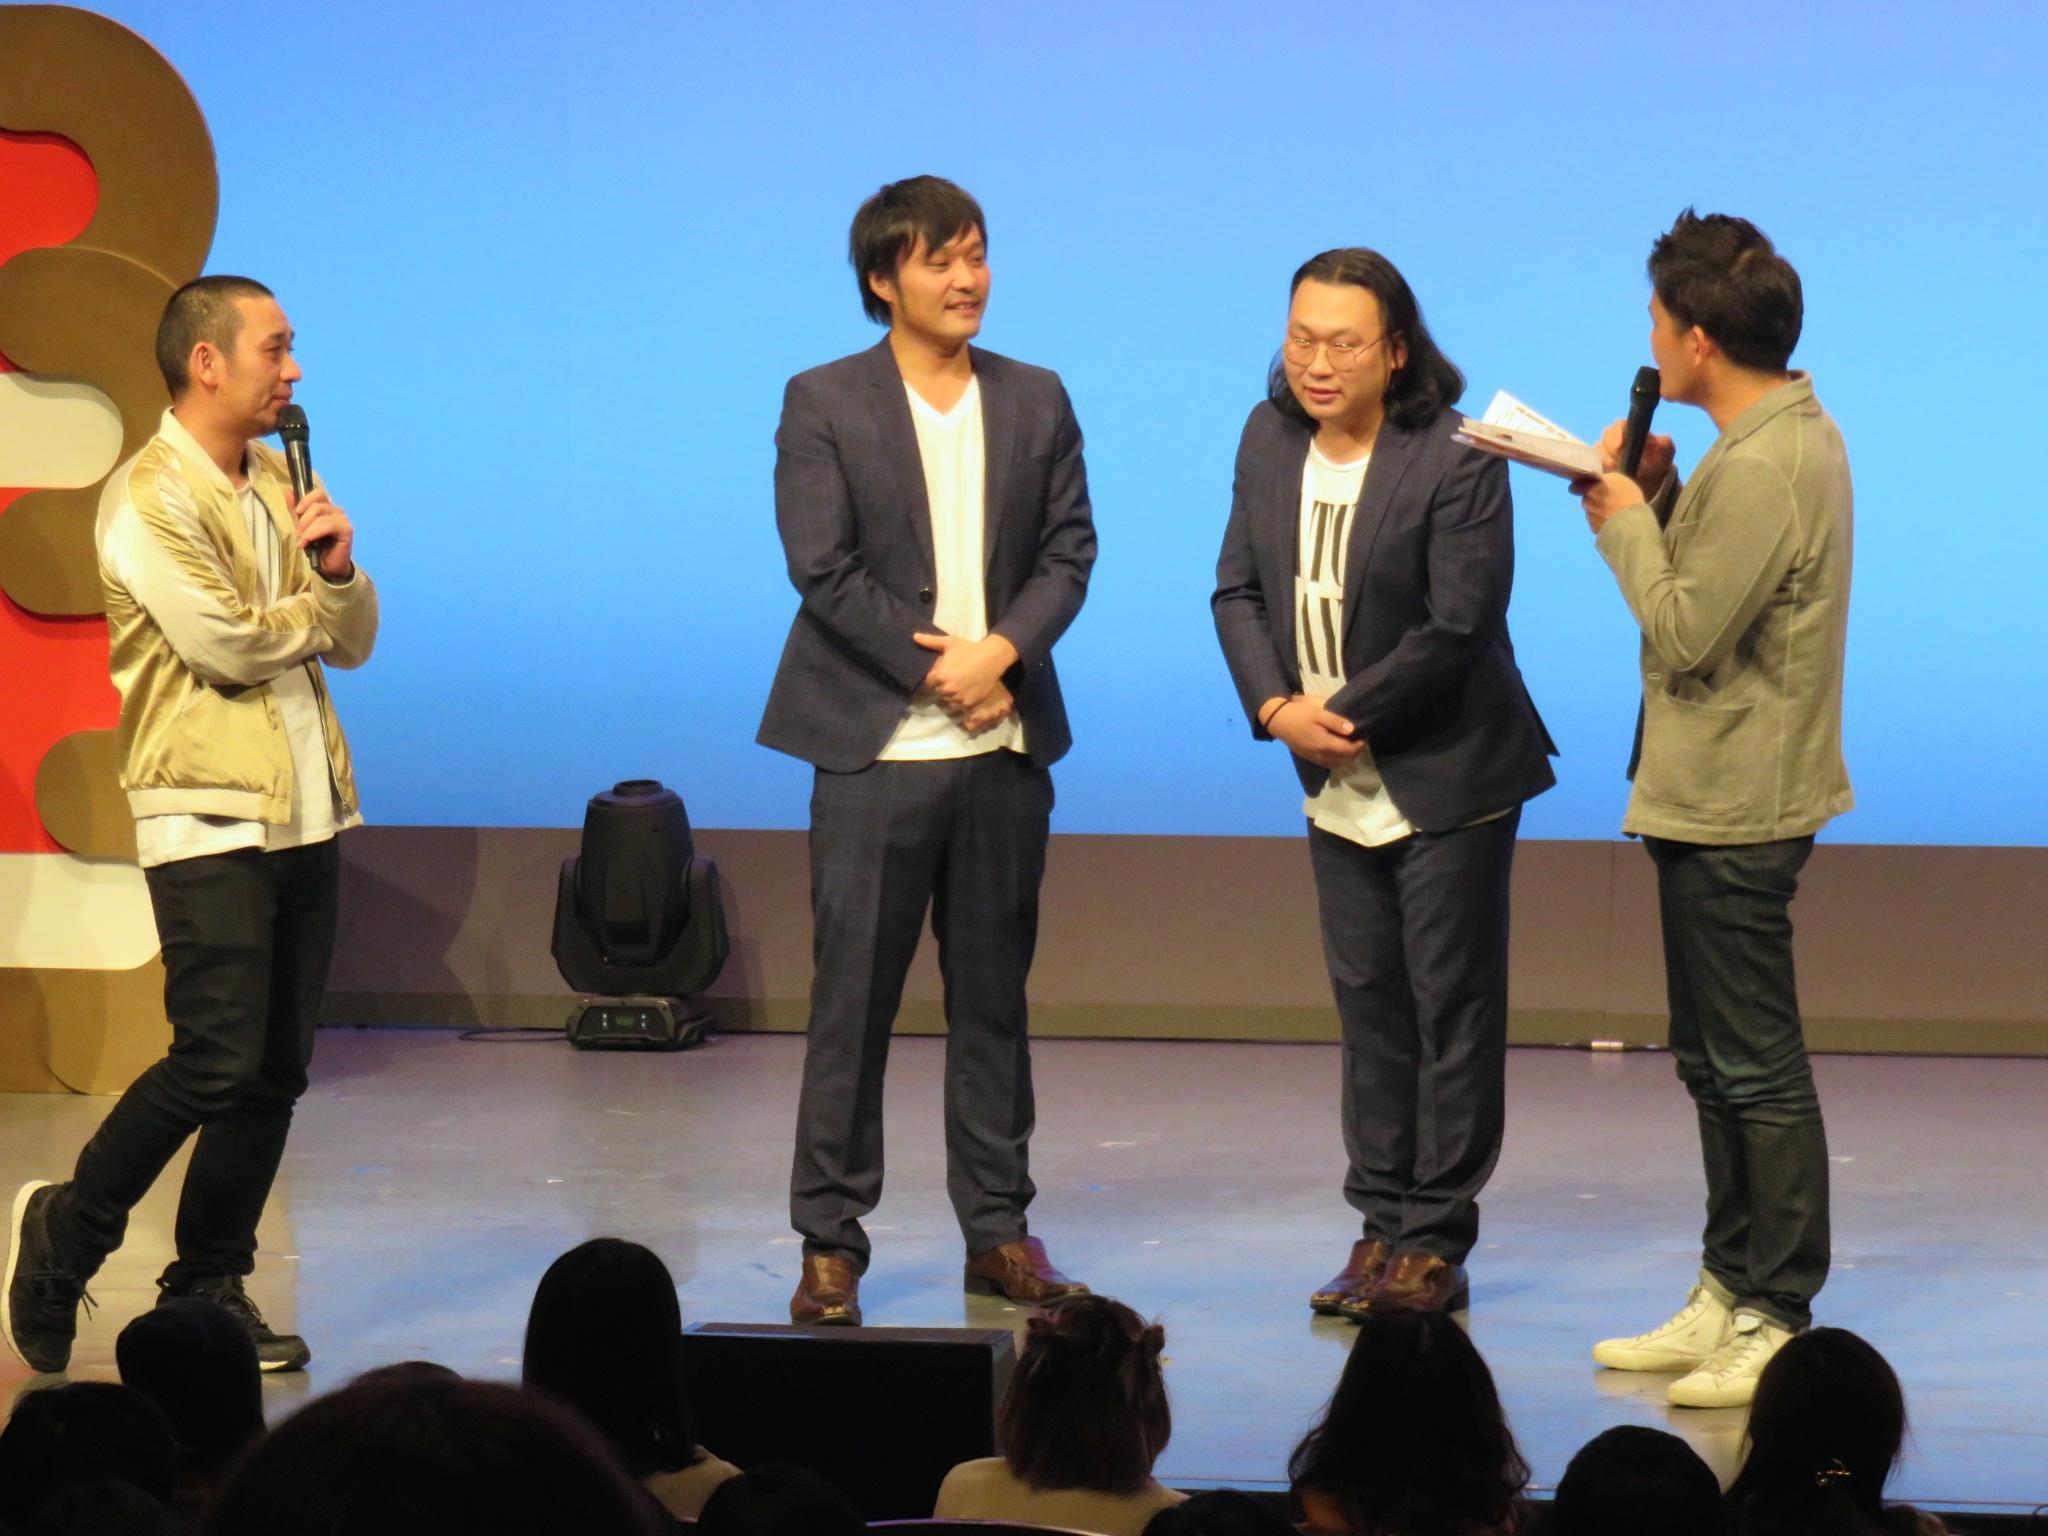 http://news.yoshimoto.co.jp/20170318121415-56fd69def9e933e118c7c67c5b9ae985a1cbd5b0.jpg